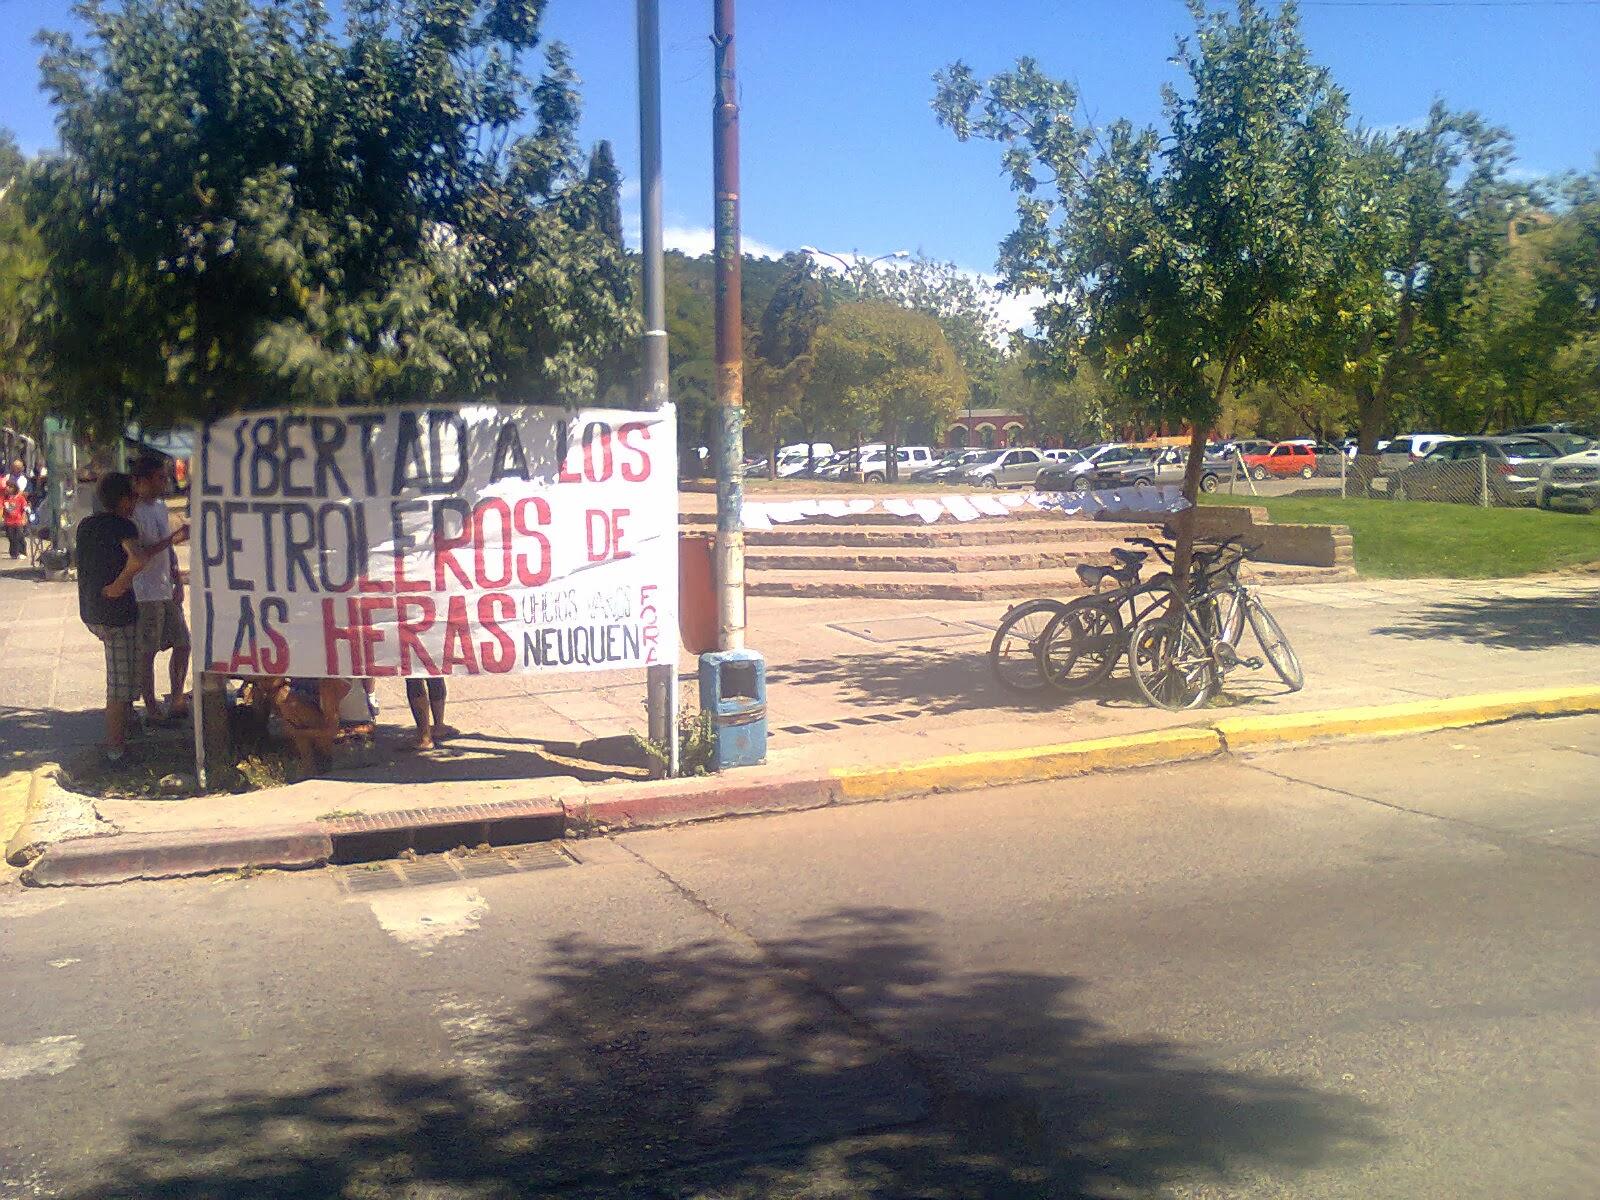 https://www.facebook.com/pages/Anarquistas/378066755607147,Anarquistas,Anarquismo,Anarquía,trabajadores,obreros,Neuquén,  San Martín de los Andes, Zapala, Centenario, Cutral Co, Plottier, Plaza Huincul, Chos Malal, Junín de los Andes, Rincón de los Sauces, Villa La Angostura, Senillosa, Campaña por la libertad de los Petroleros de Las Heras Como Sociedad de Resistencia Oficios Varios de Neuquén nos sumamos a la campaña de actividades por la libertad de los trabajadores petroleros de Las Heras. Durante la última semana hemos realizado volanteadas por el centro de la ciudad y en la feria del parque central.